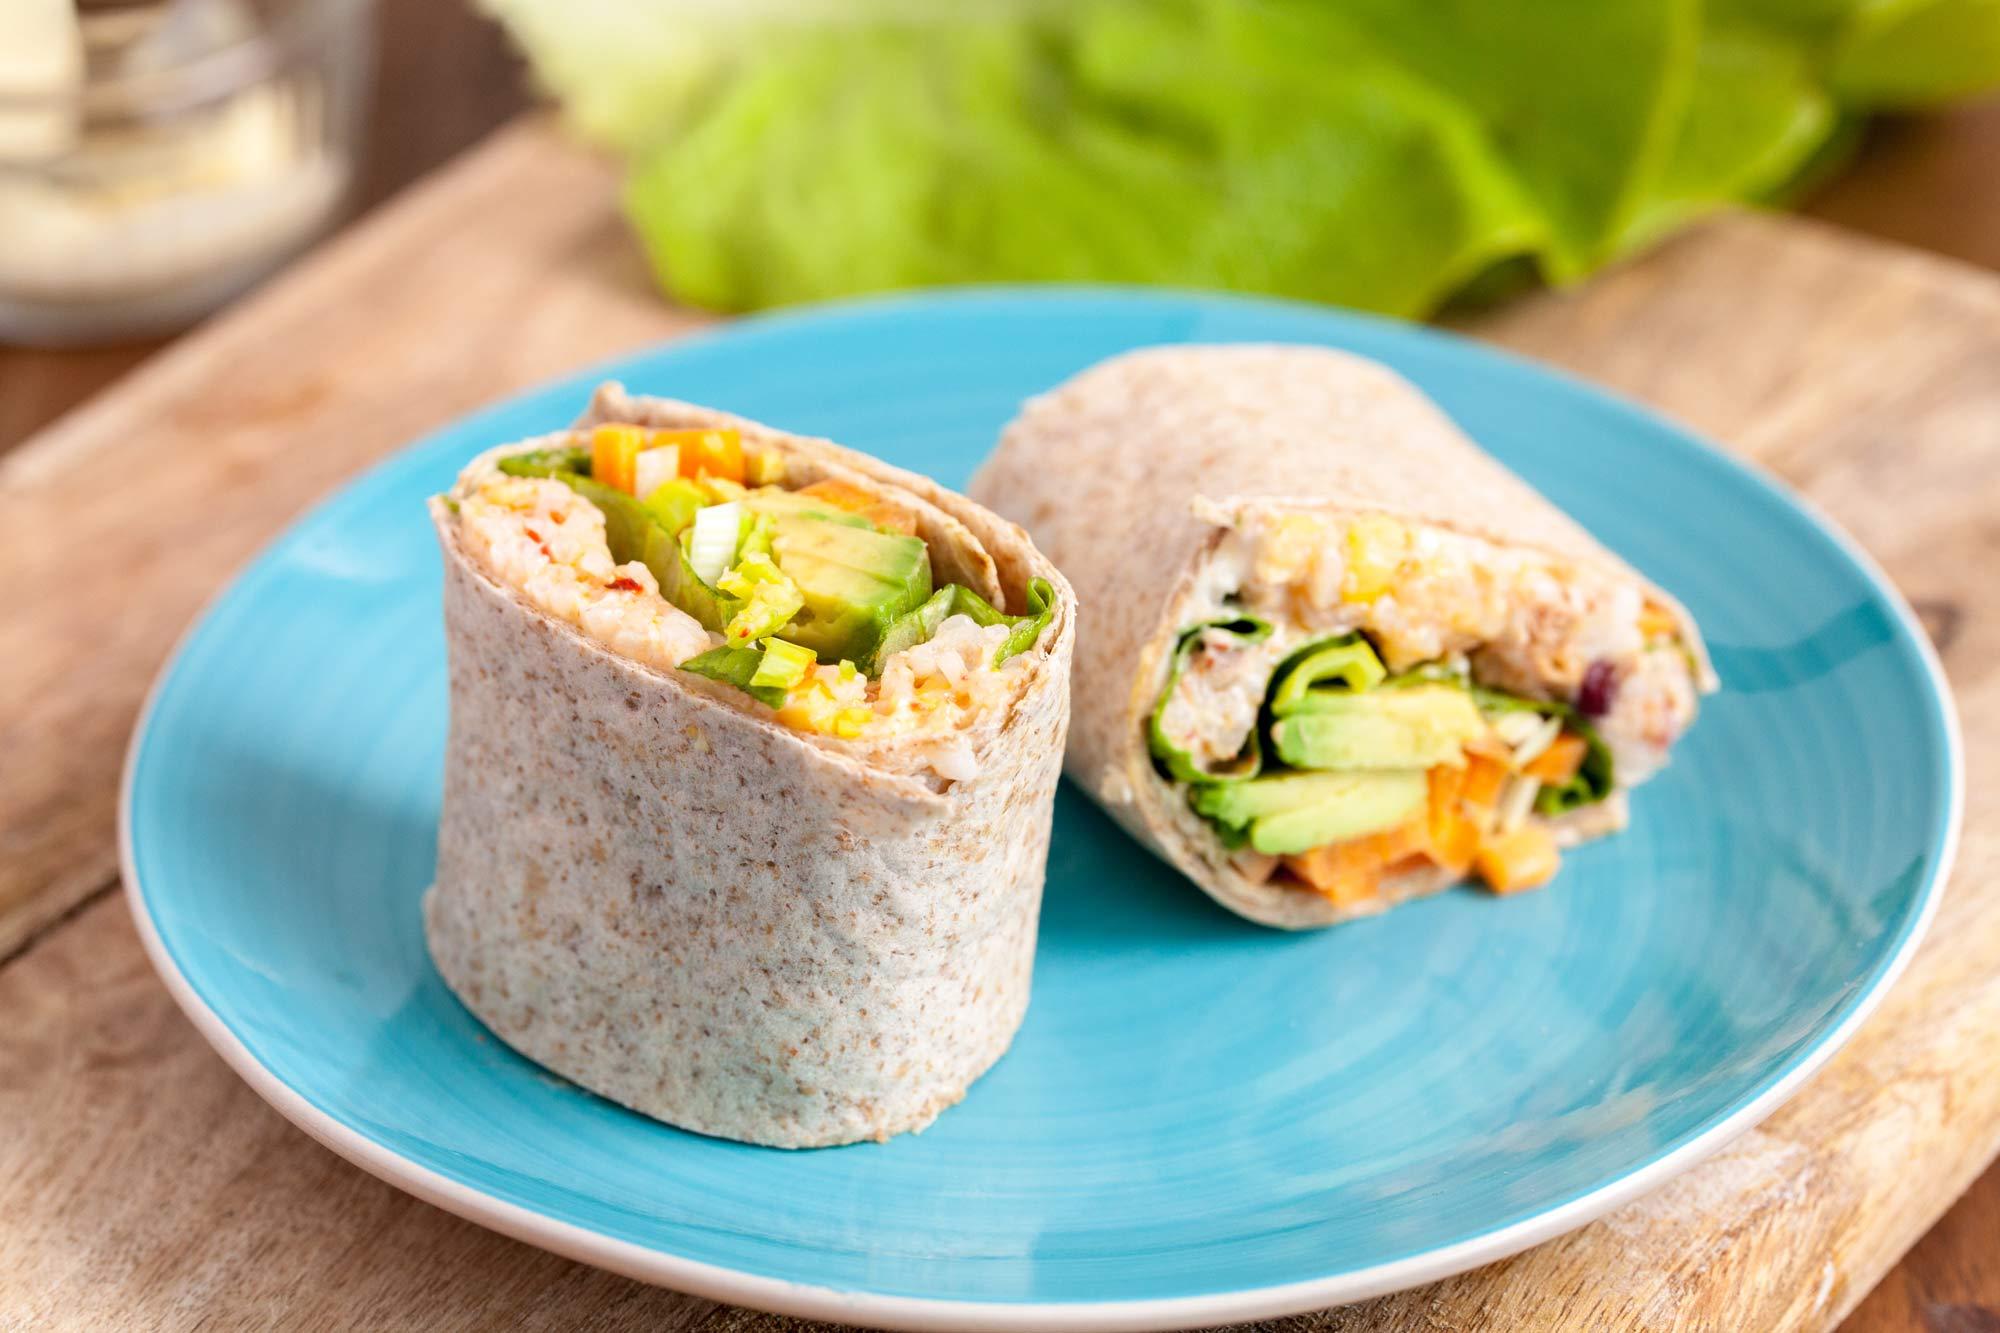 Zavitek z rižem, tuno in zelenjavo